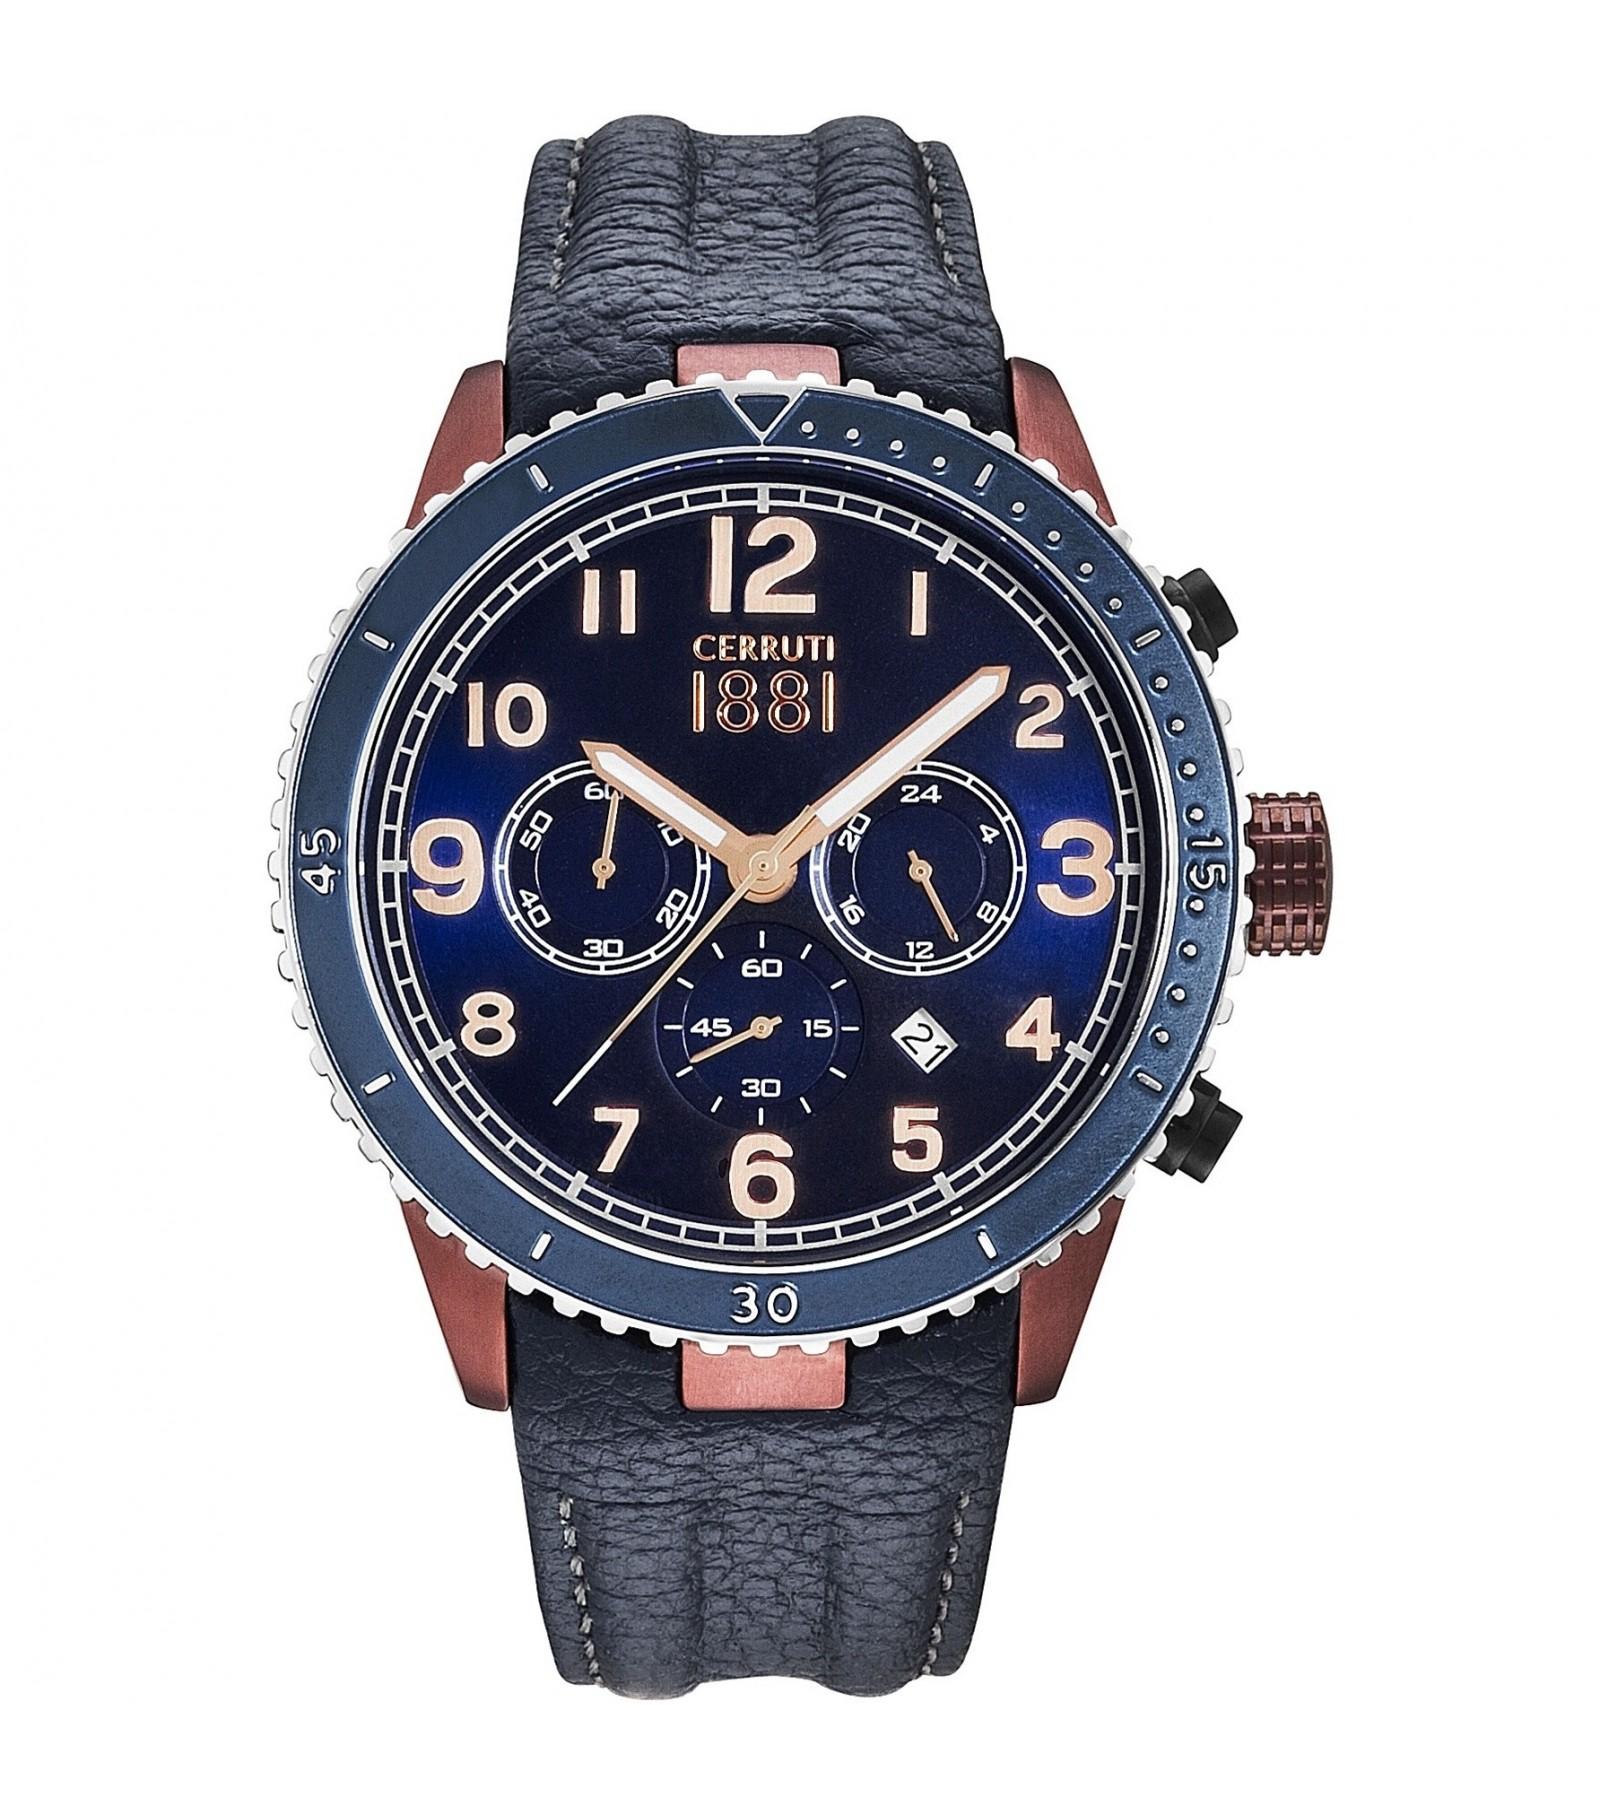 Наручные часы Cerruti 1881 CRA118SN02BK купить по